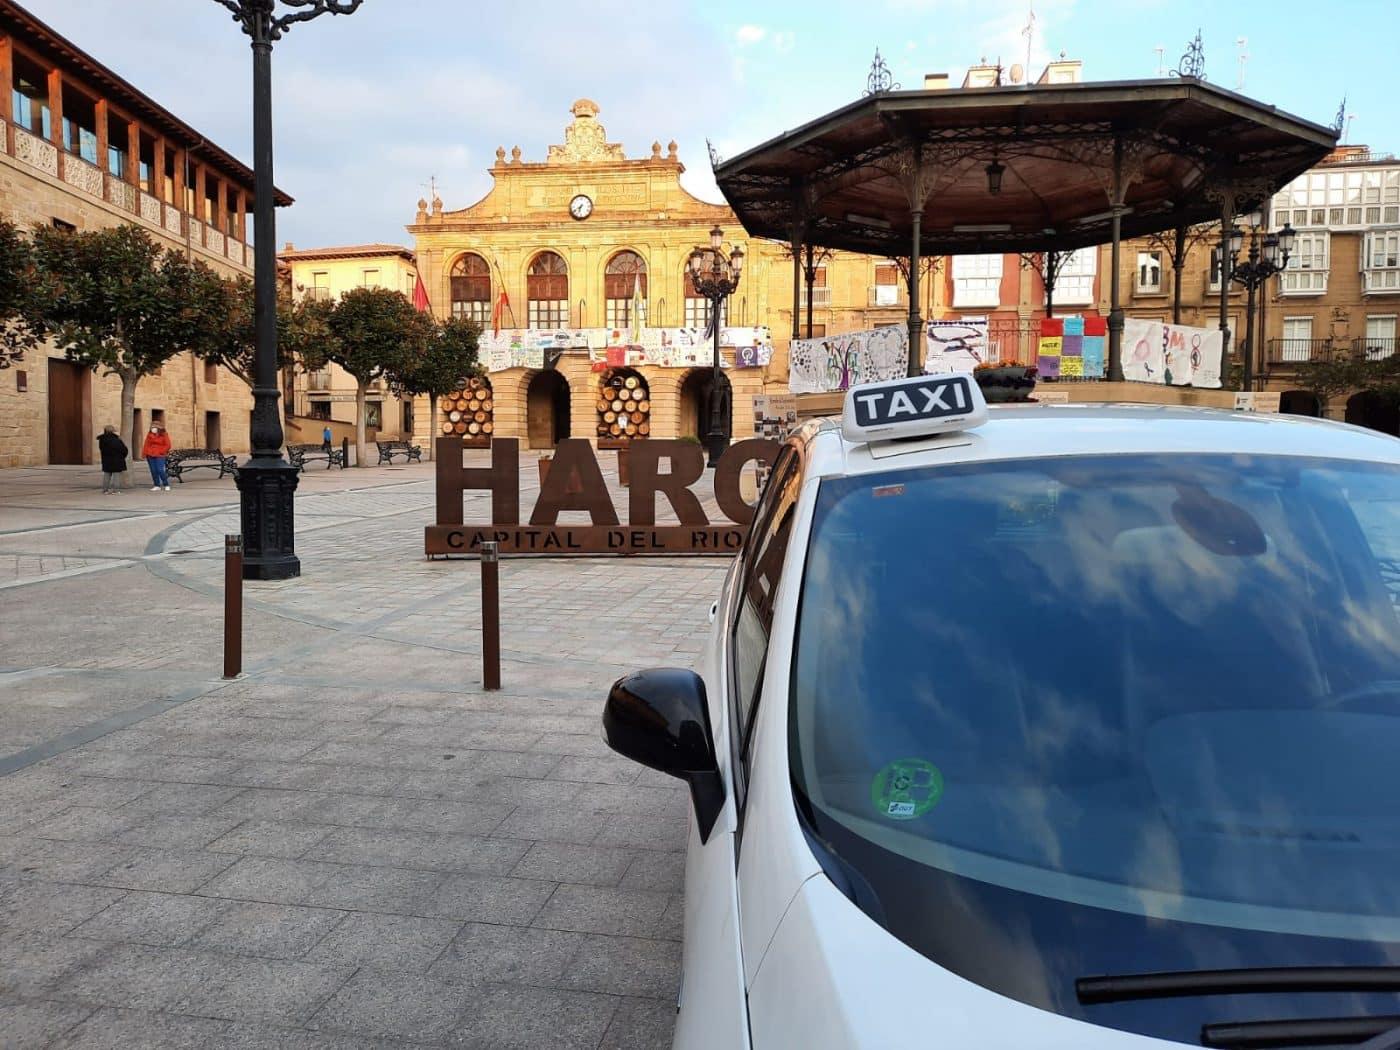 Taxi Haro